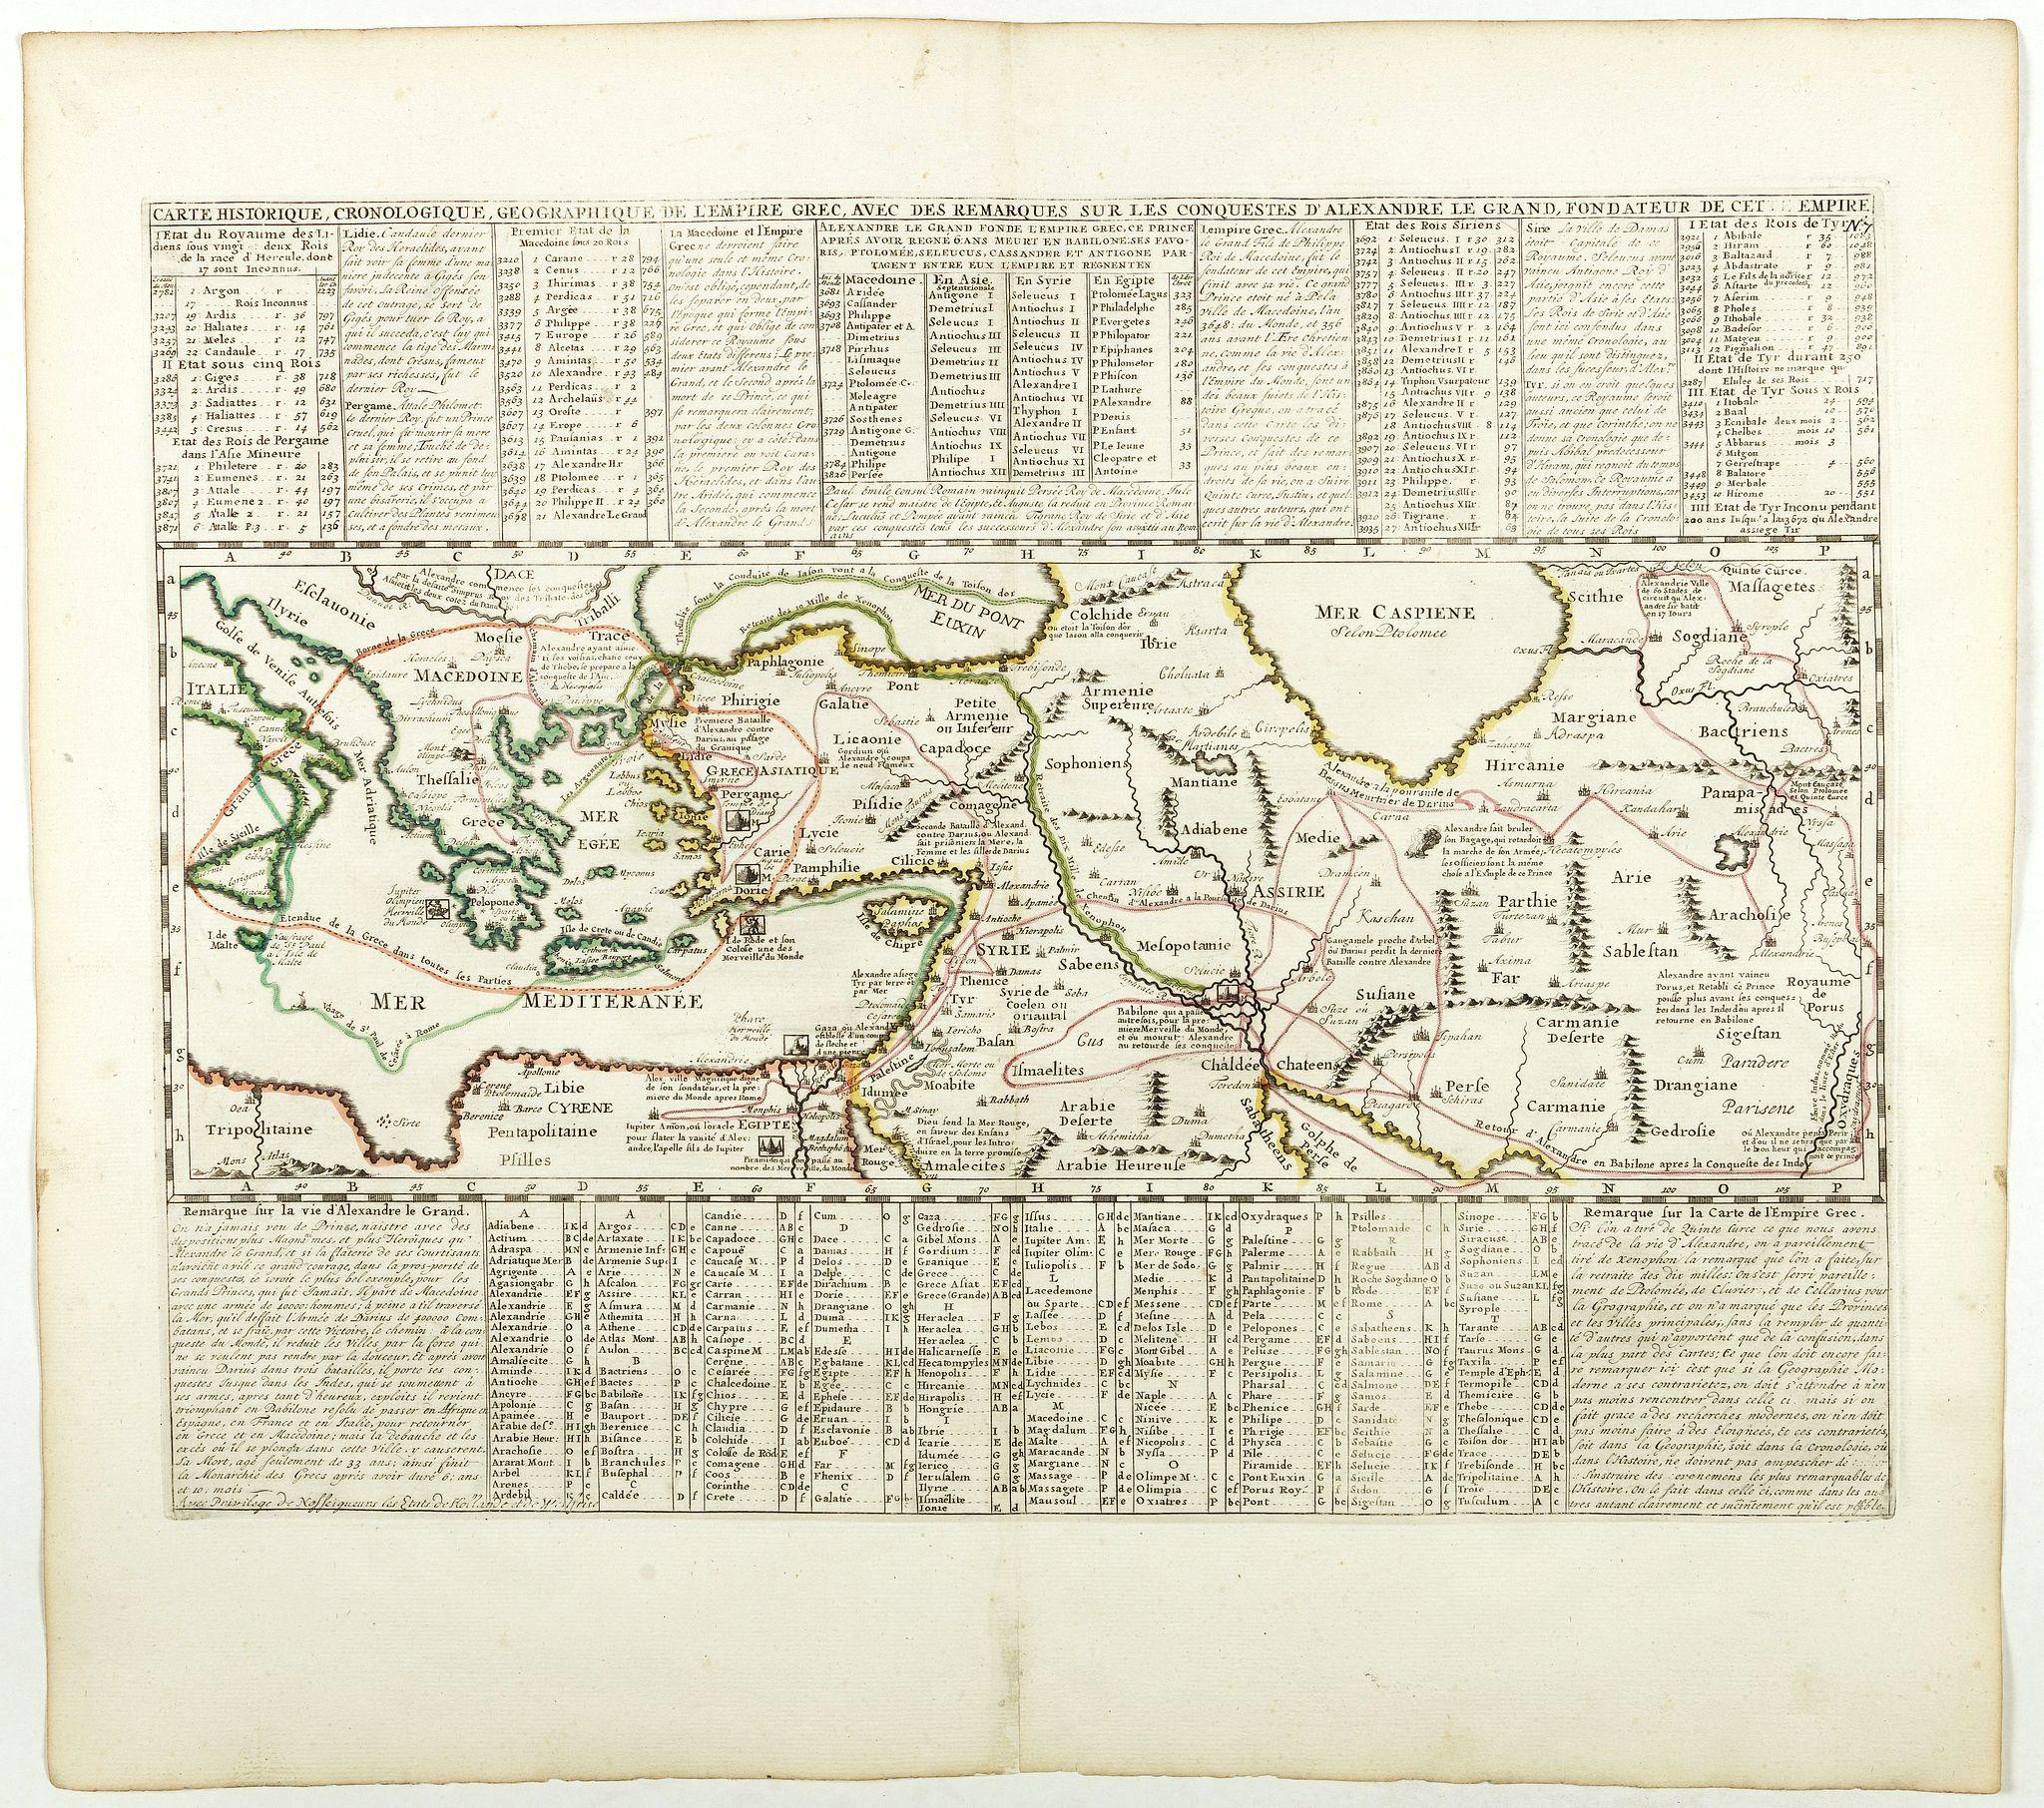 CHATELAIN, H. -  Carte historique chronologique et géographique de l'empire Grec . . .